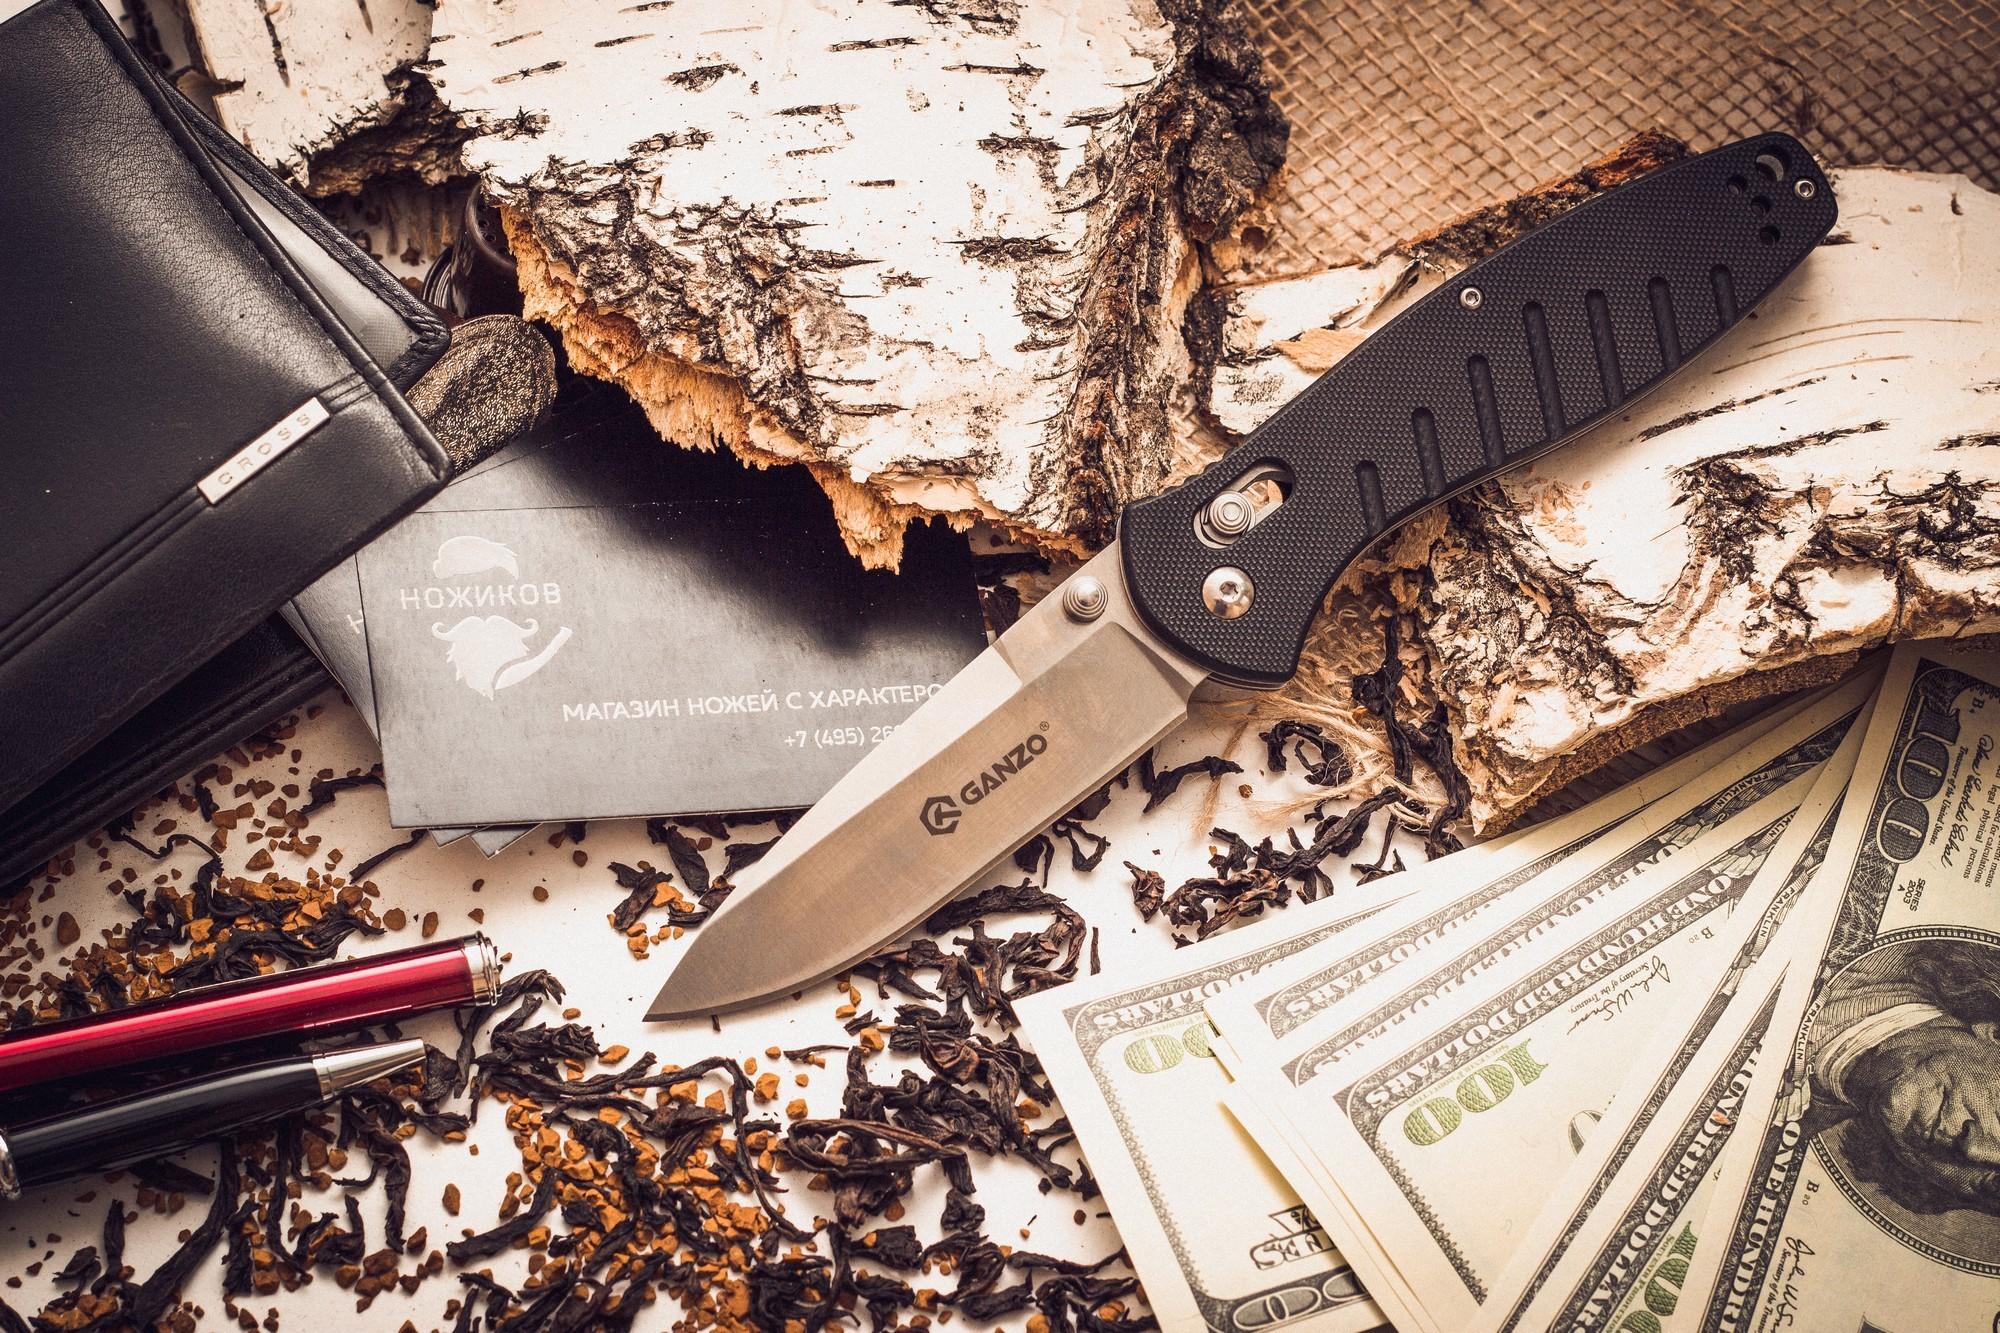 Складной нож Ganzo G738, черныйРаскладные ножи<br>Чтобы выдержать эксплуатацию в таких жестких условиях, какие предполагает отдых на природе, нож должен быть собран из самых качественных комплектующих. Так, клинок Ganzo G738 выпущен из нержавейки, которая нашла широкое применение в этой отрасли. Марка 440С содержит в составе целый ряд легирующих добавок, которые позволяют улучшить ее свойства, повысить стойкость к ржавлению и способность оставаться остро заточенной. Геометрия клинка грамотно продумана. Это drop point с пониженной линией обуха. Острие клинка немного приподнято, за счет чего режущая кромка фактически удлиняется. Заточка ножа ровная и ее легко подновить, используя самую обычную карманную точилку. Что касается габаритов клинка, то это длина 8,9 см, позволяющая легко использовать нож для чистки рыбы, приготовления бутербродов, и толщина 3,3 мм.<br>В каждом из крайних положений (открытый и сложенный нож) лезвие хорошо фиксируется. Этому способствует использование замка Axis-Lock. В нем применяется небольшой металлический штифт, который и определяет положение клинка. Разблокировать такой замок можно даже одной рукой, что является несомненным преимуществом для туристов и охотников.<br>